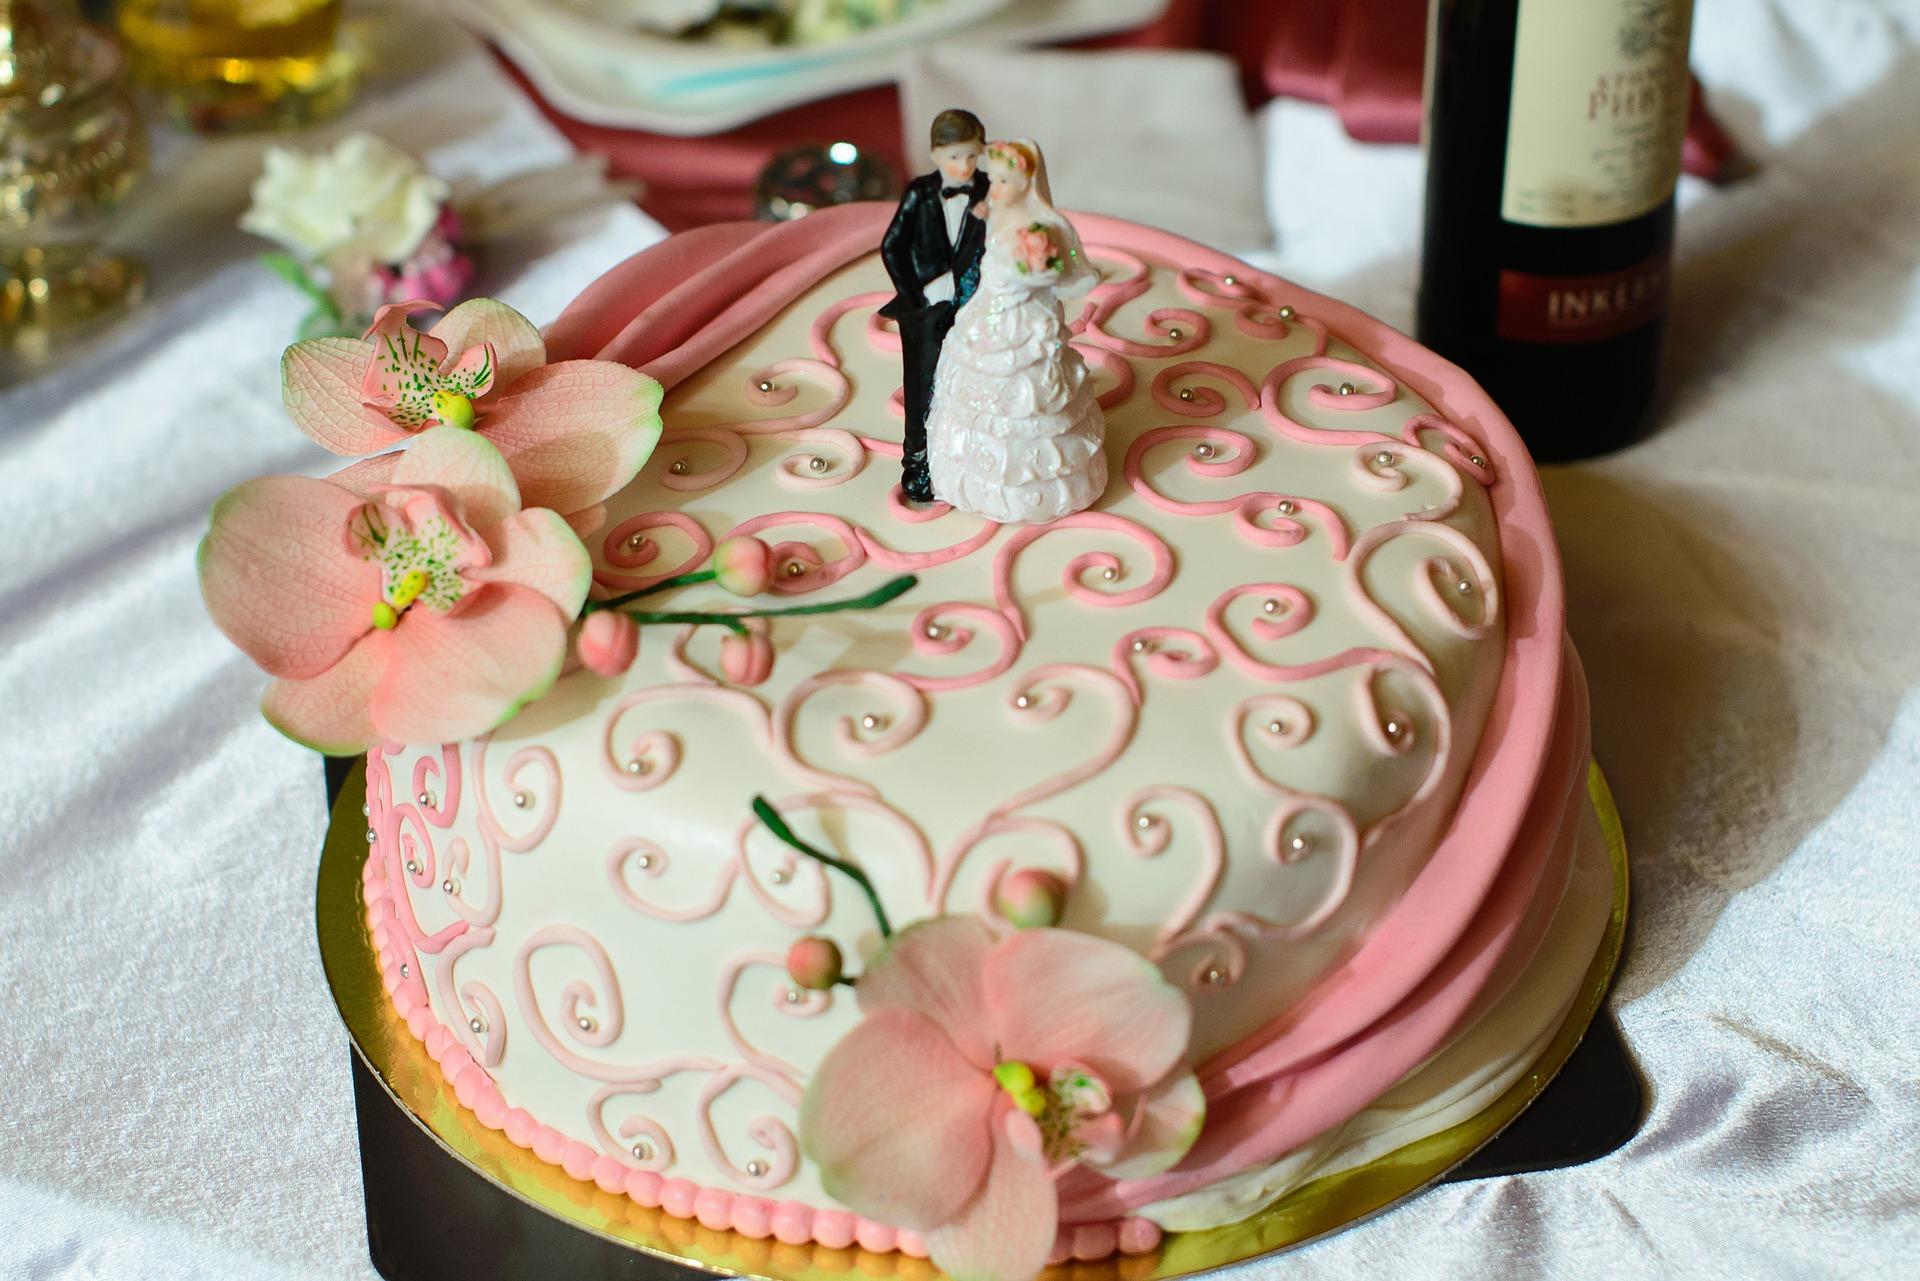 esküvői torta díszítése Esküvői torta típusok   Tortareceptek esküvői torta díszítése